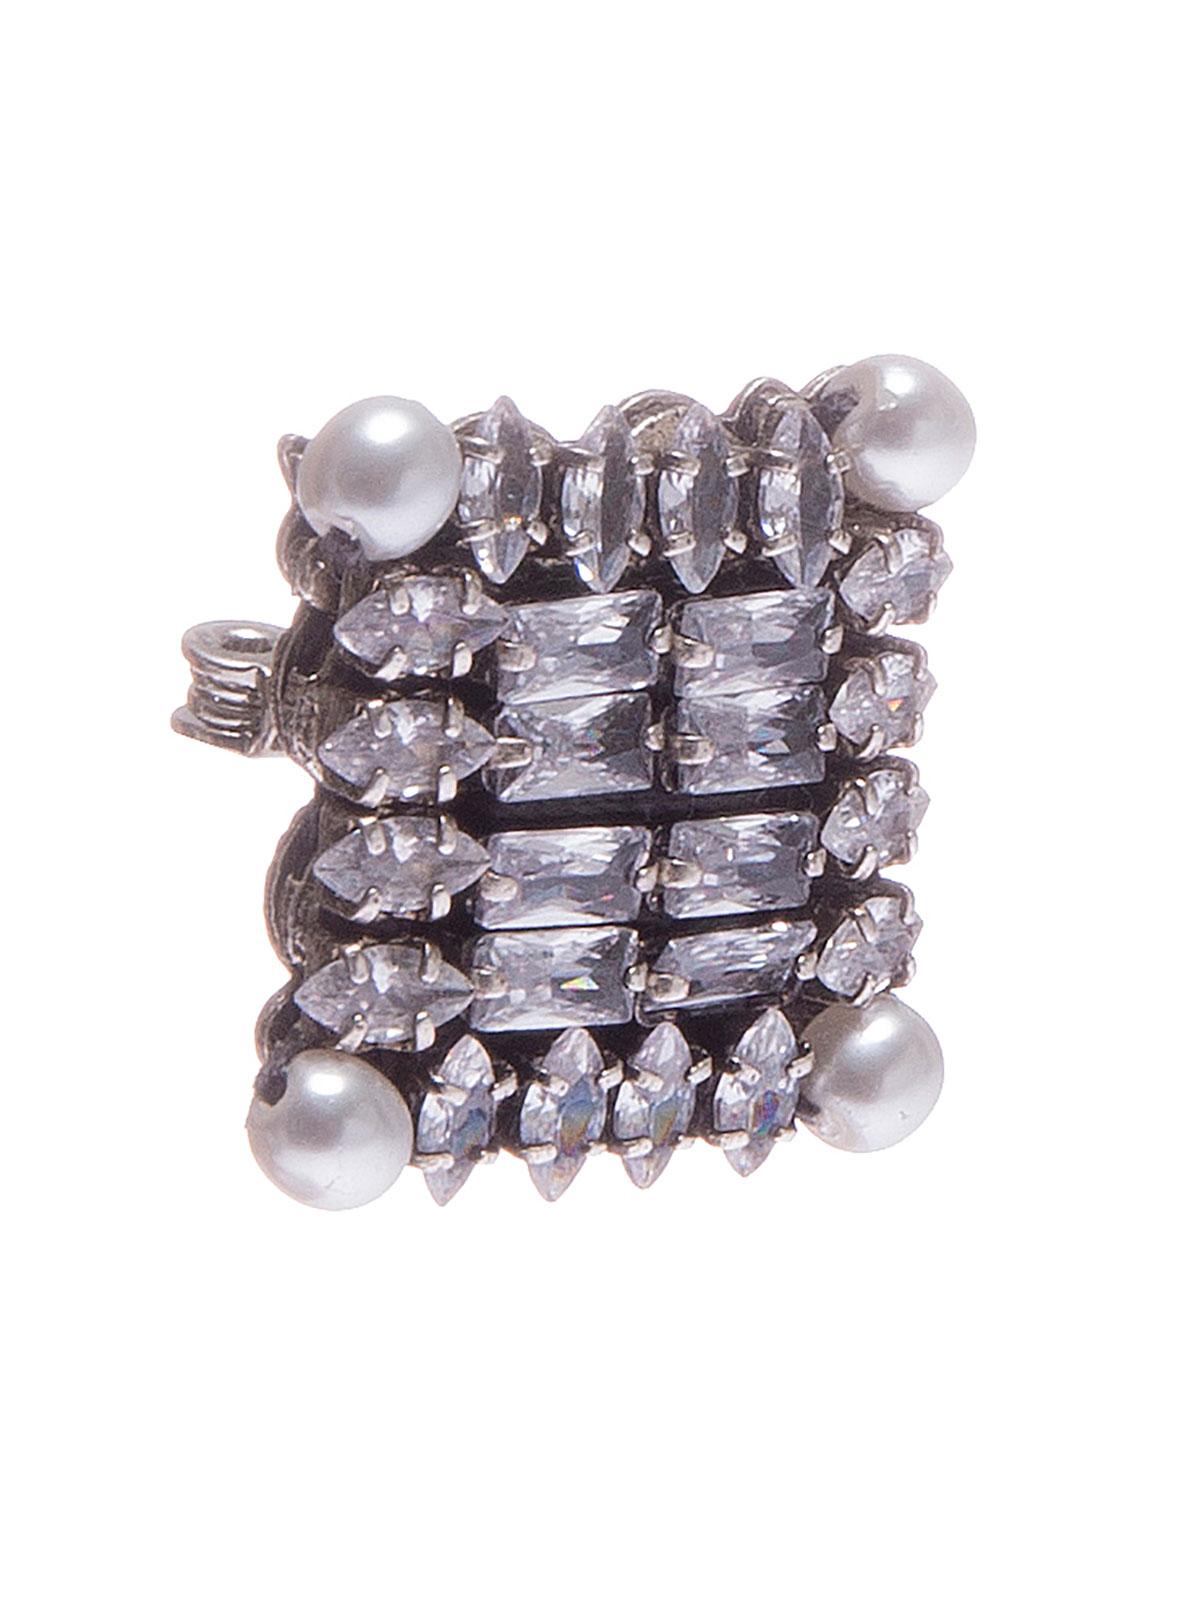 Spilla quadrata ricamata con pietre e perle